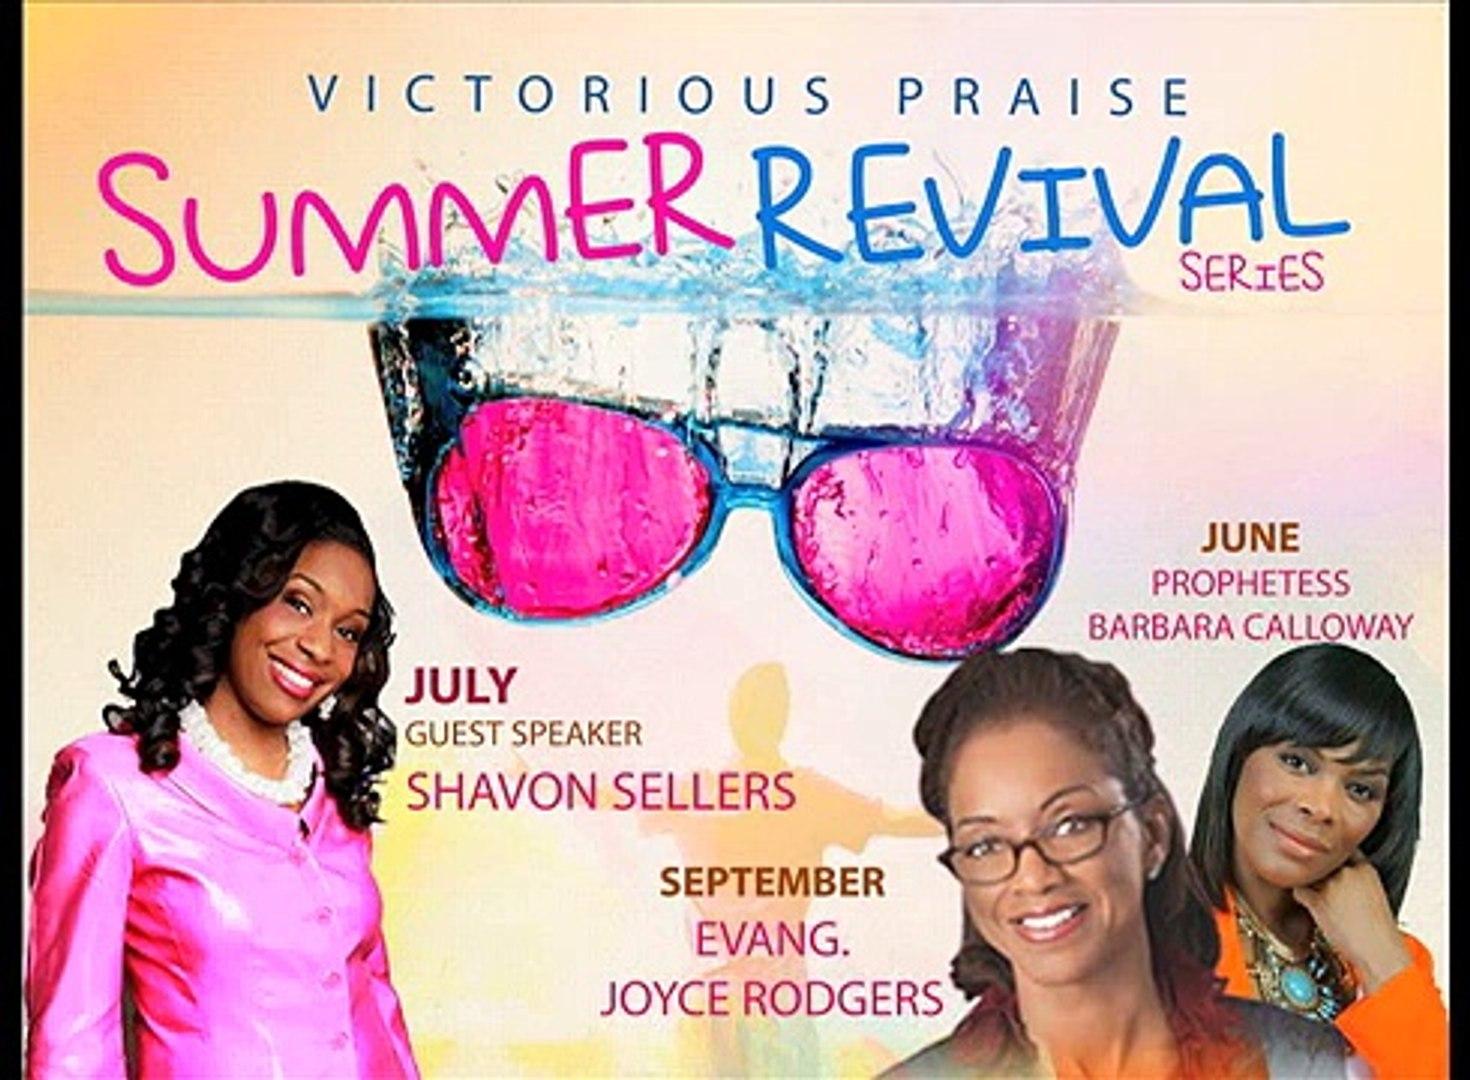 Summer Revival